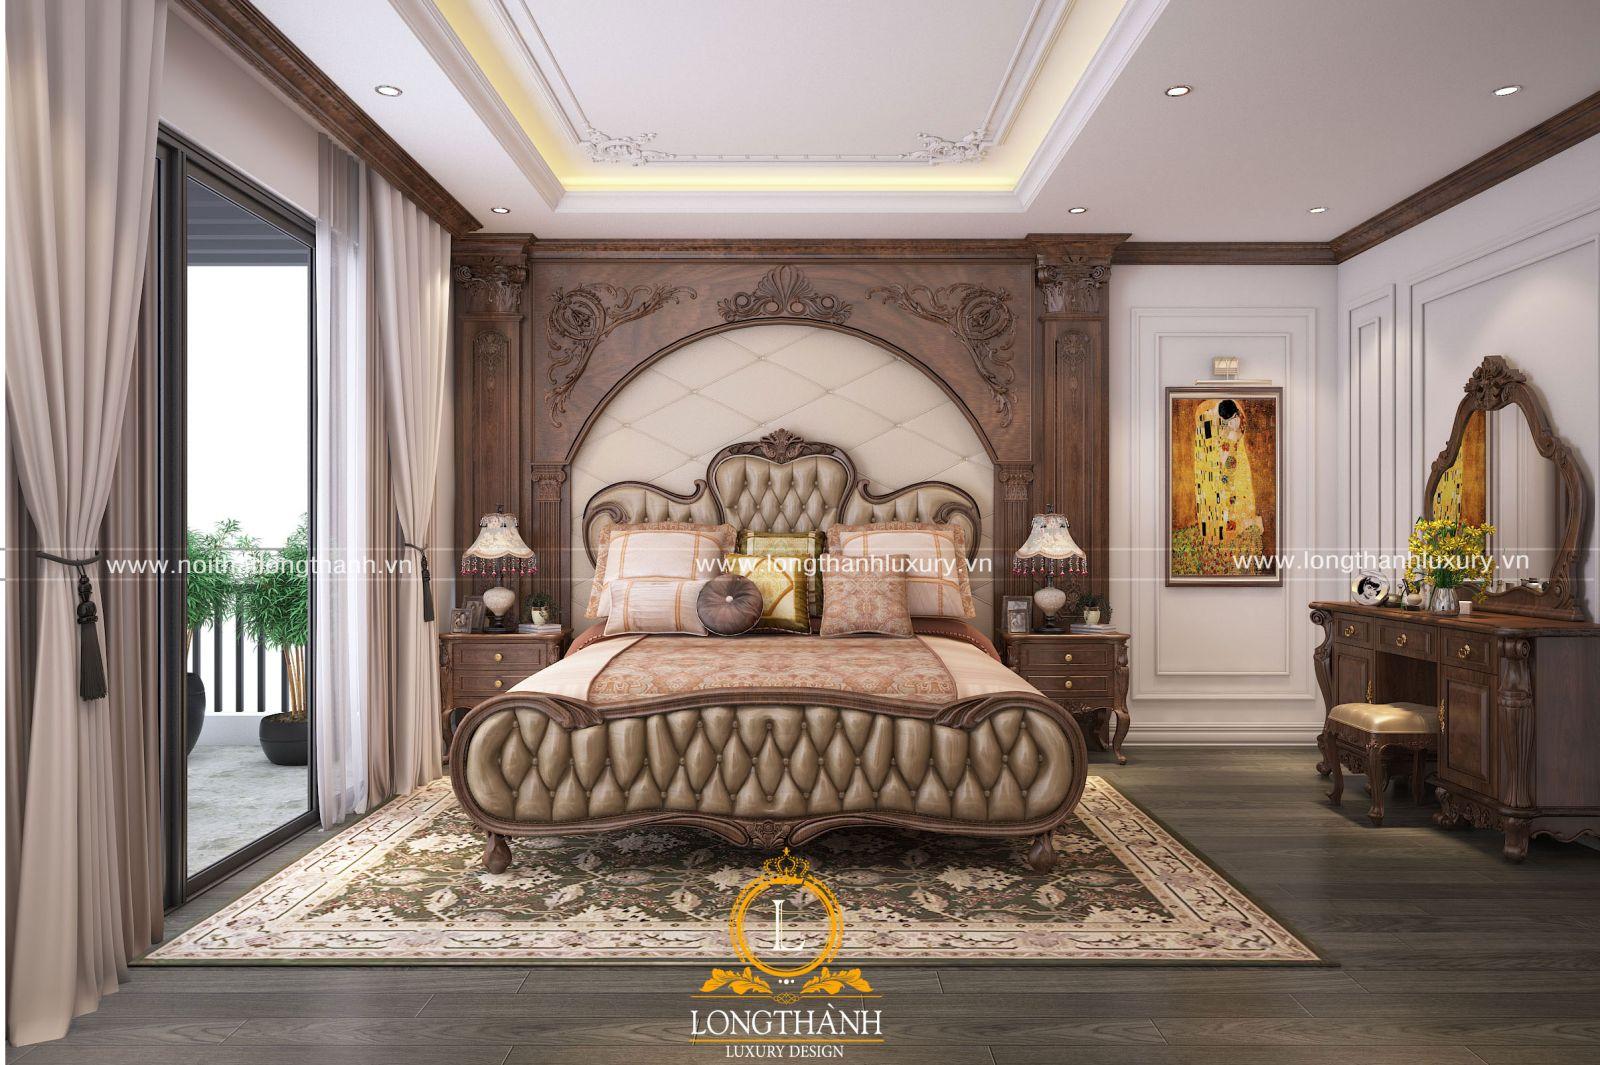 Phòng ngủ cao cấp cho biệt thự sang trọng